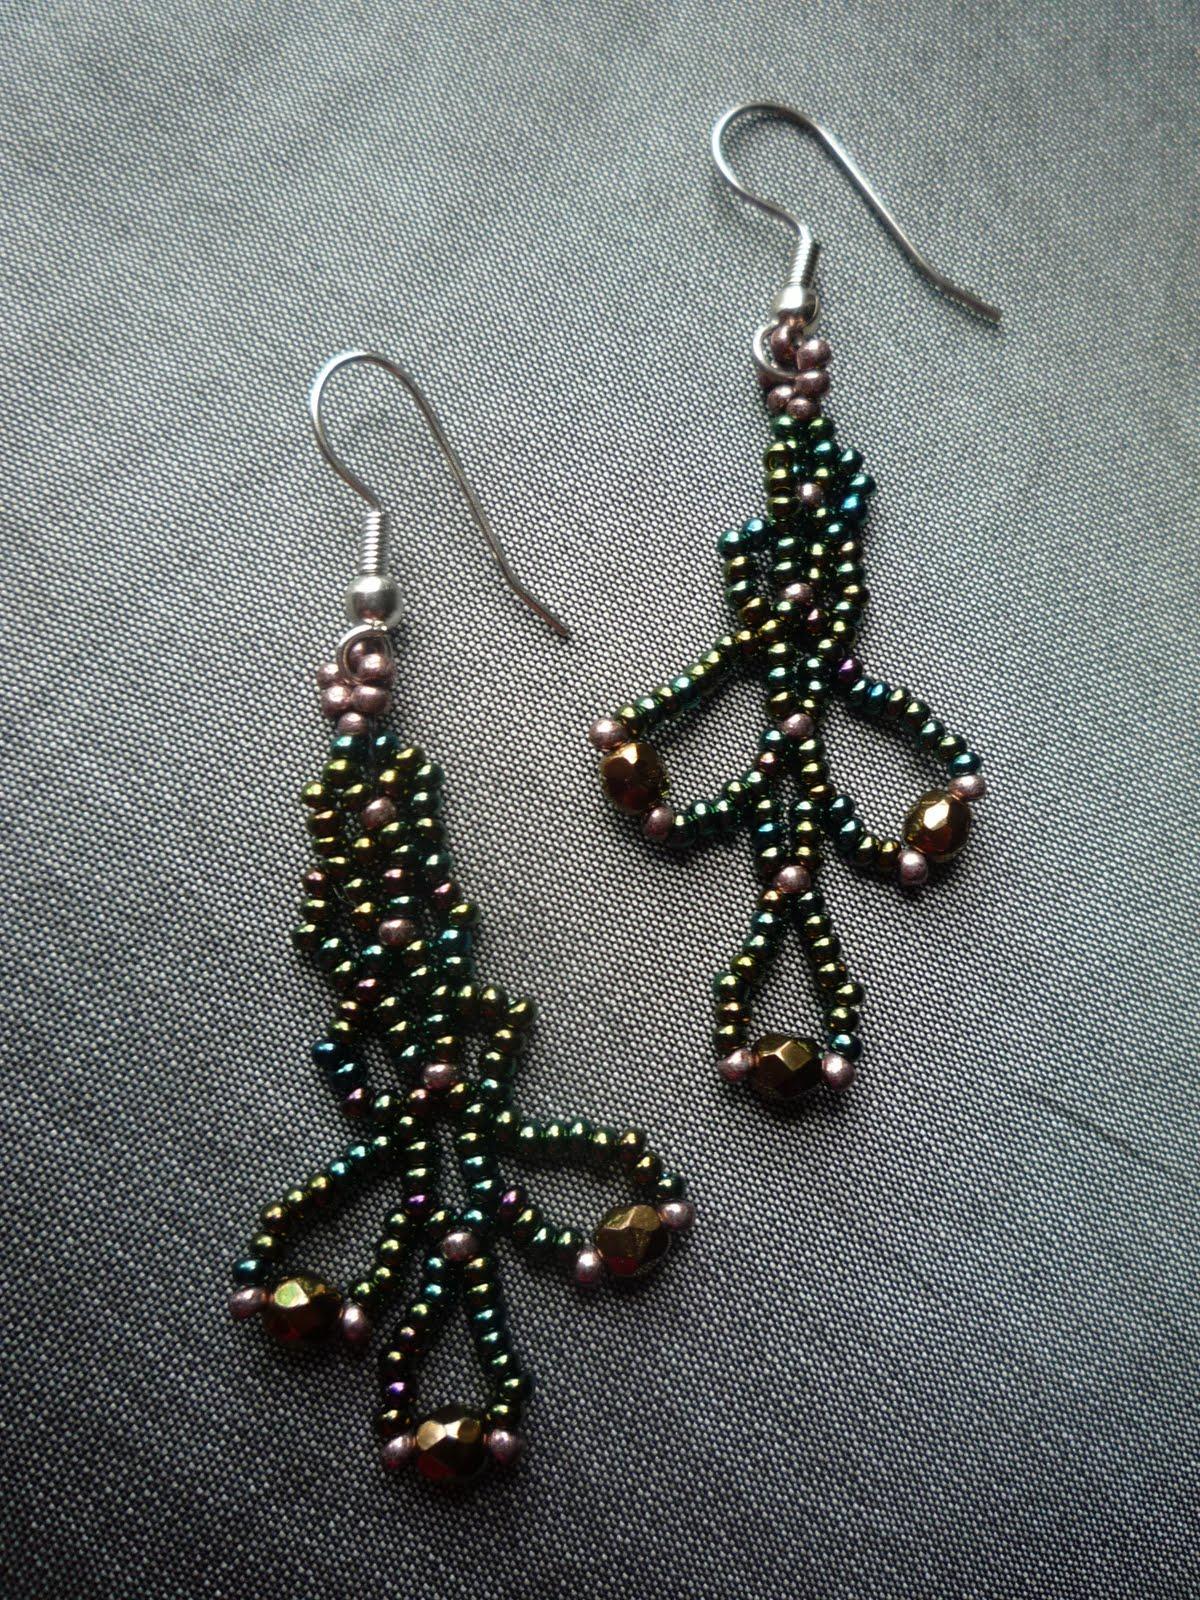 blue ridge designs lacy net seed bead earrings